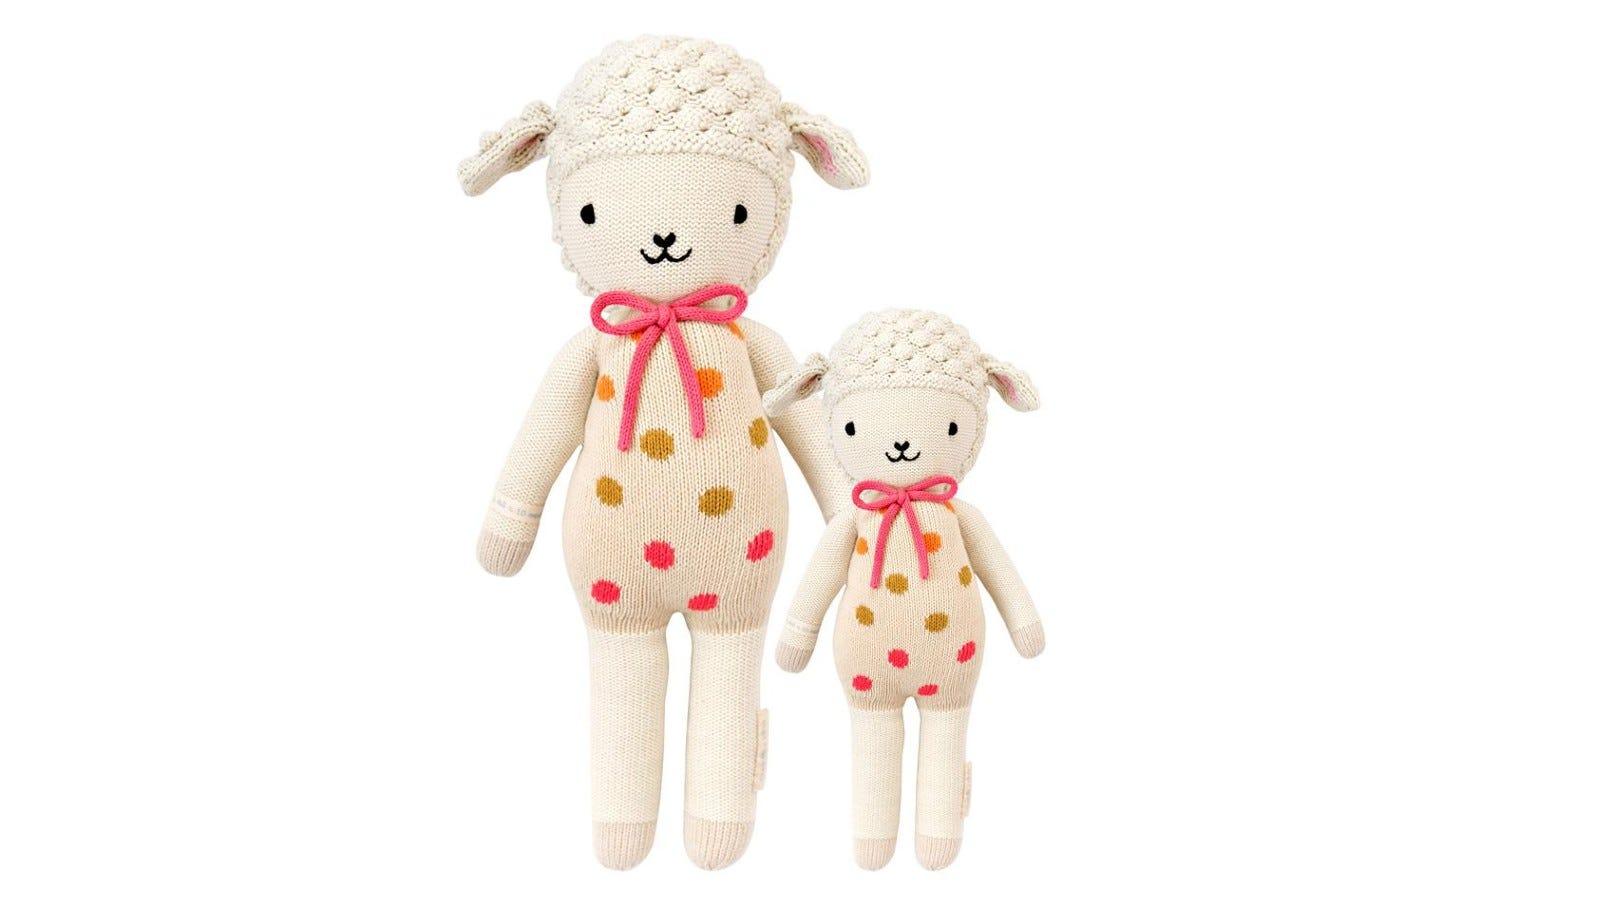 pink and white stuffed lamb